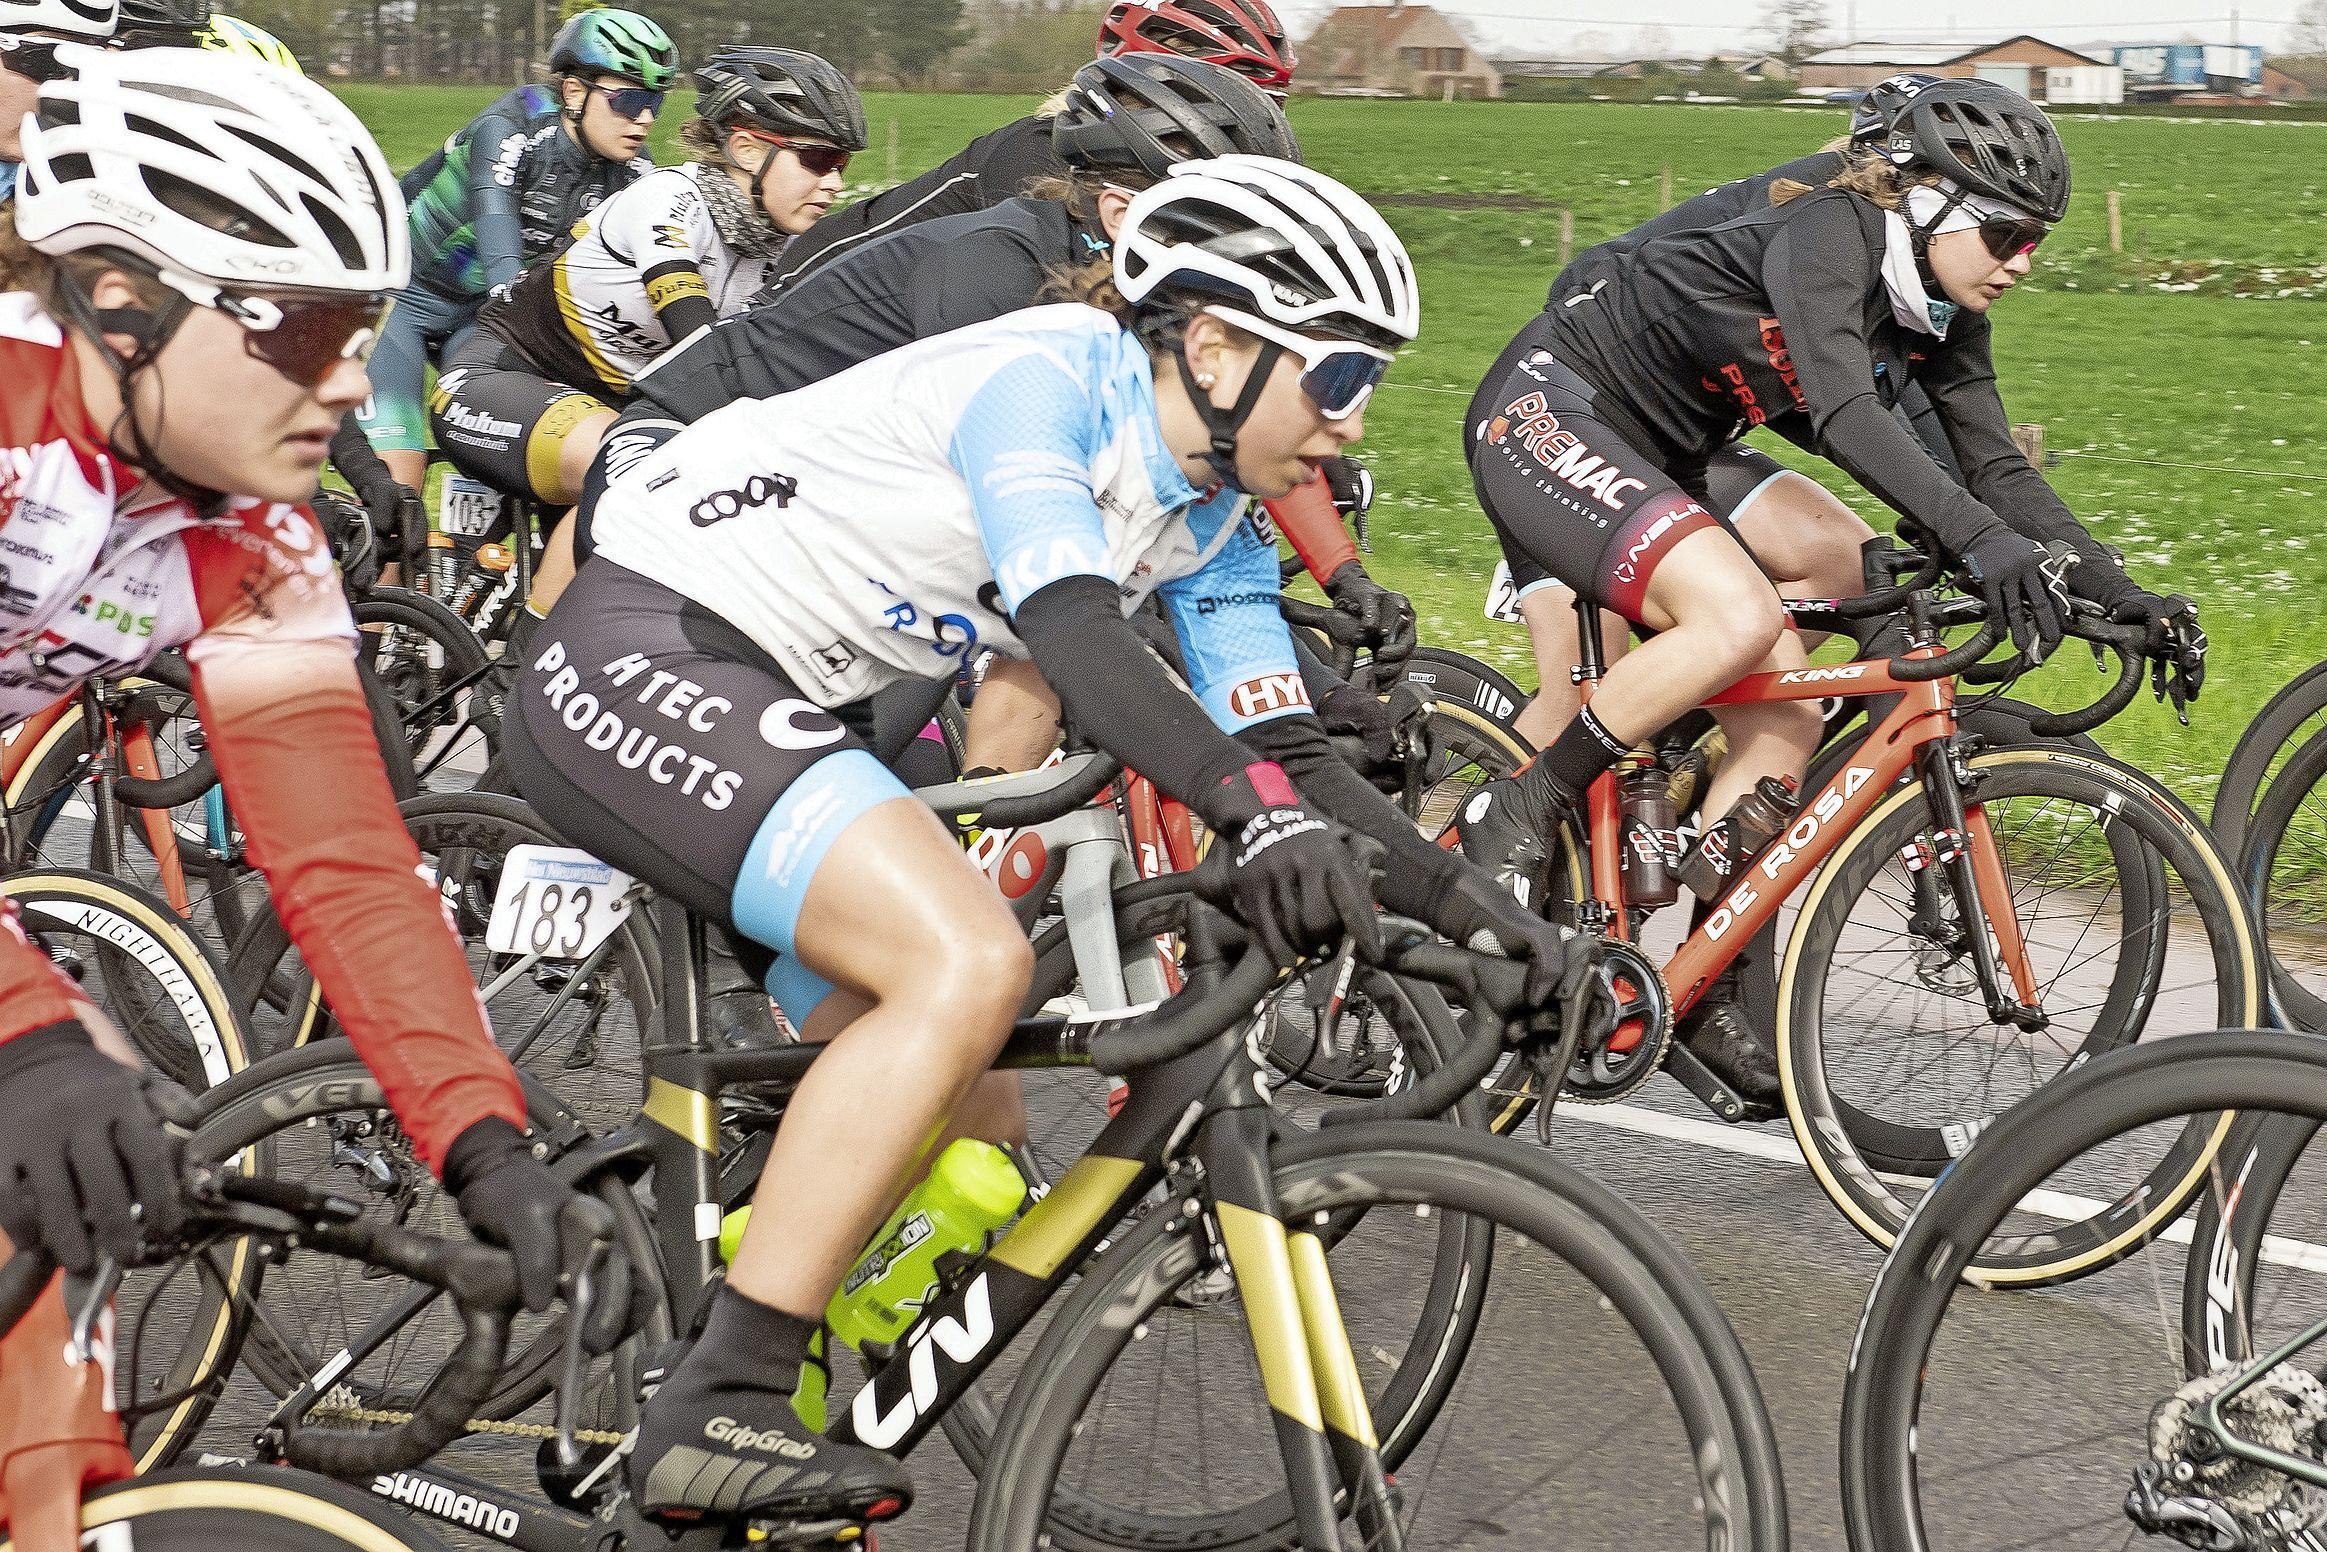 Dankzij één mailtje ging wielrenster Emma Boogaard in een week tijd van een amateur met een lege agenda, naar een profrenster met een contract op zak